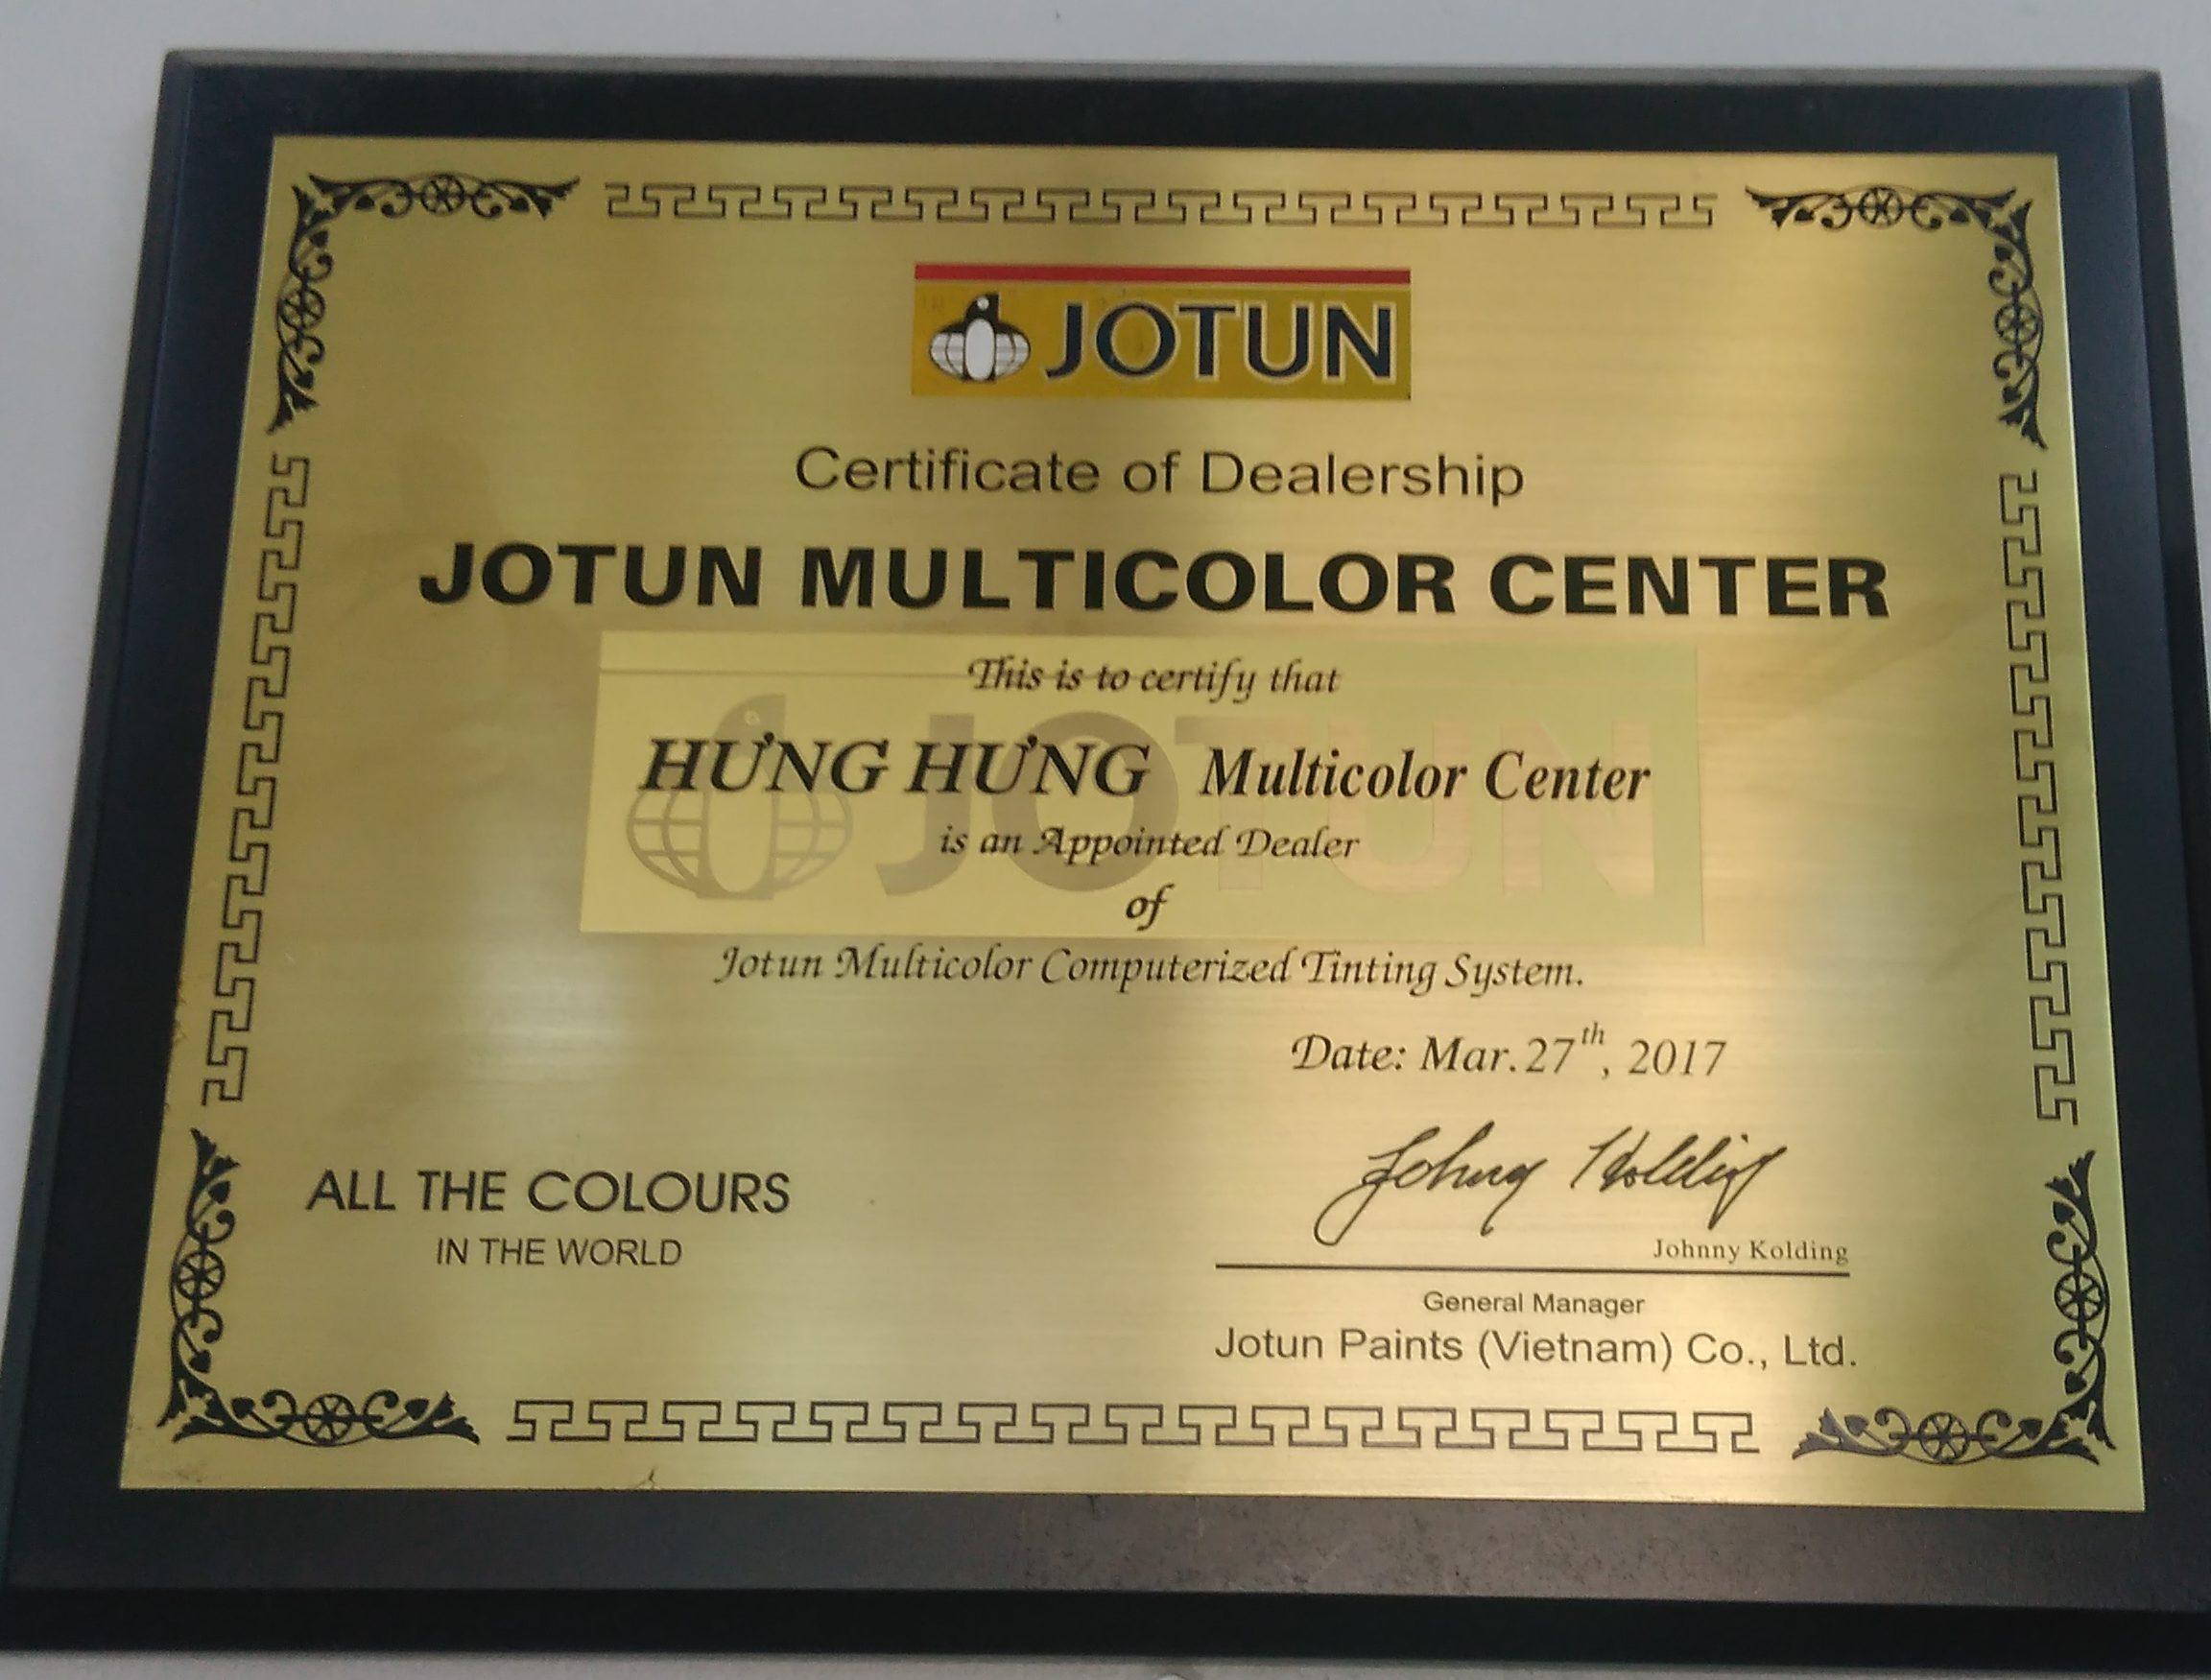 Chứng nhận sơn Jotun chính hãng